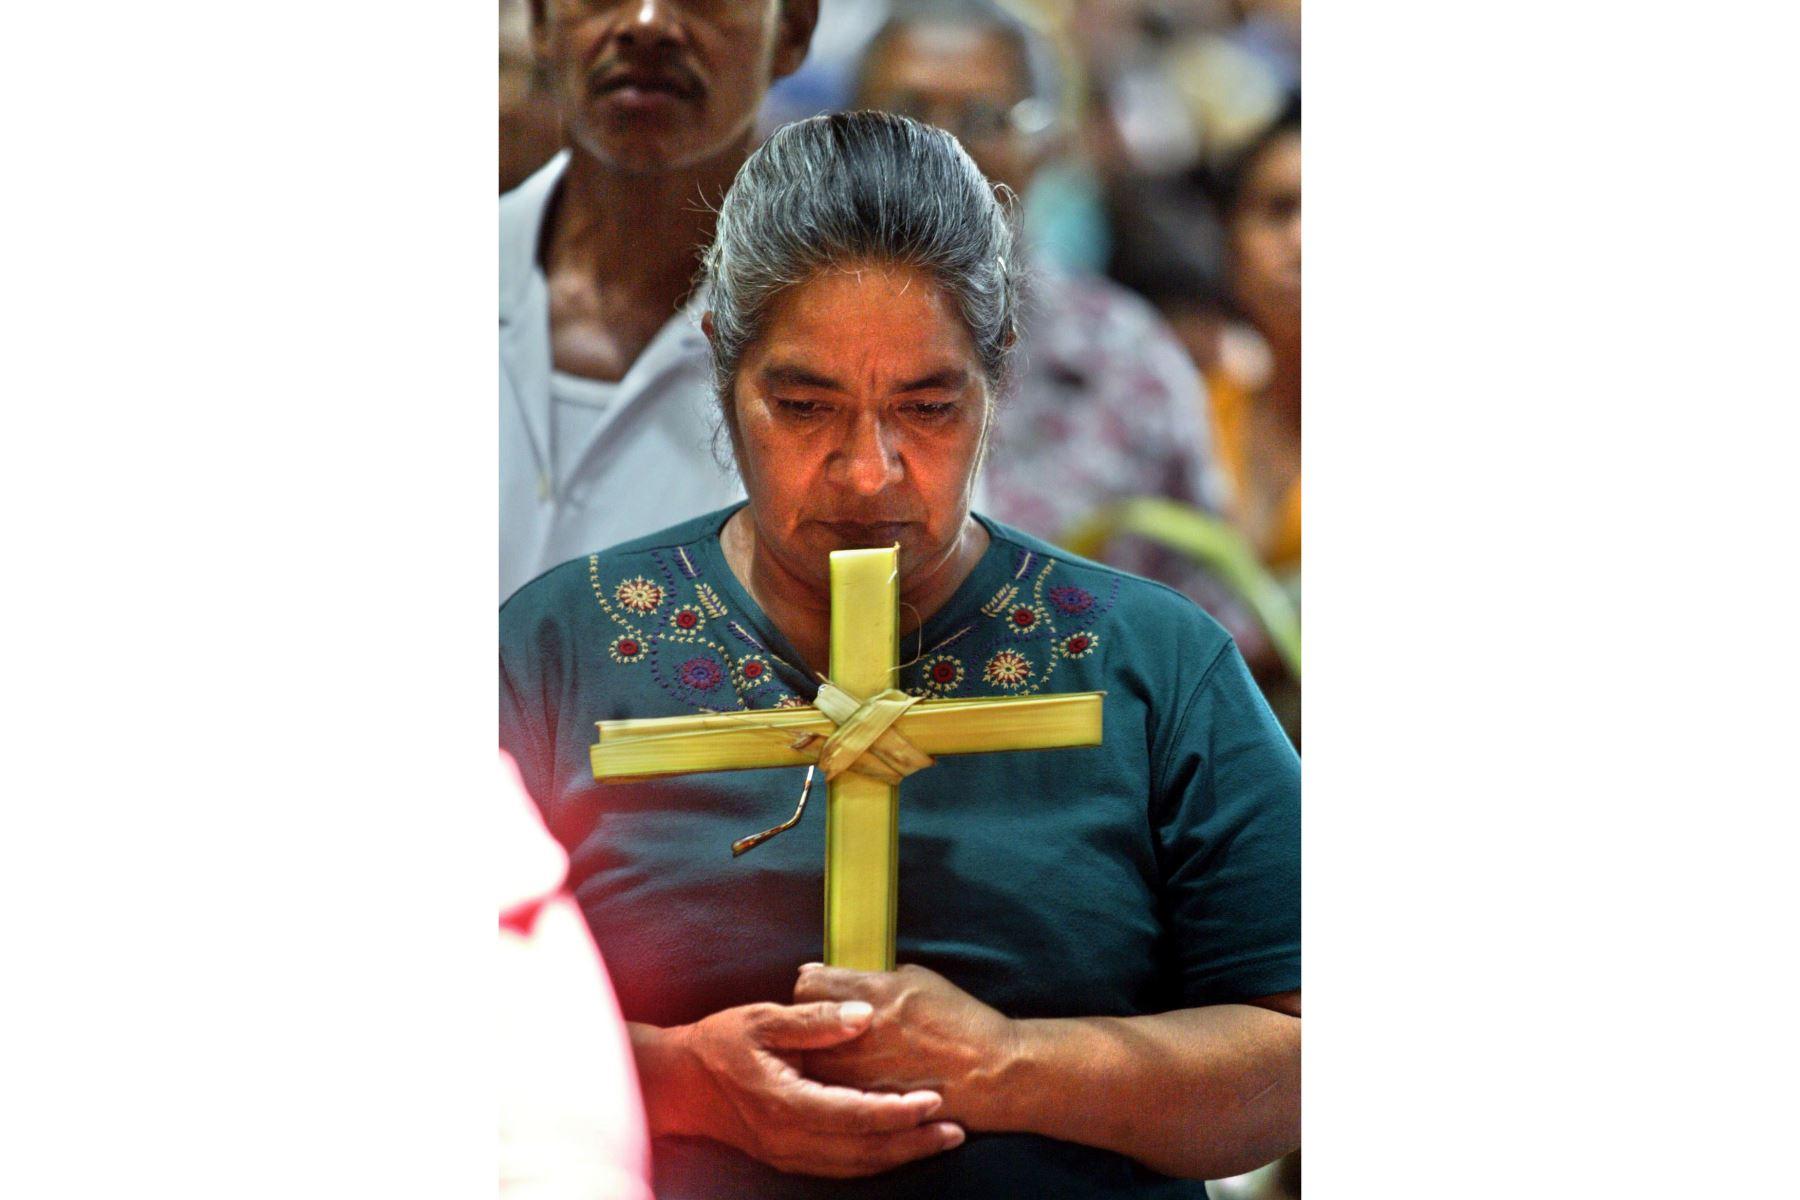 Fieles participan de la procesión correspondiente al Domingo de Ramos  en la catedral metropolitana de Managua, Nicaragua. Miles de creyentes participaron en la celebración de la festividad que marca el inicio de la llamada Semana Santa en Nicaragua.Foto: AFP